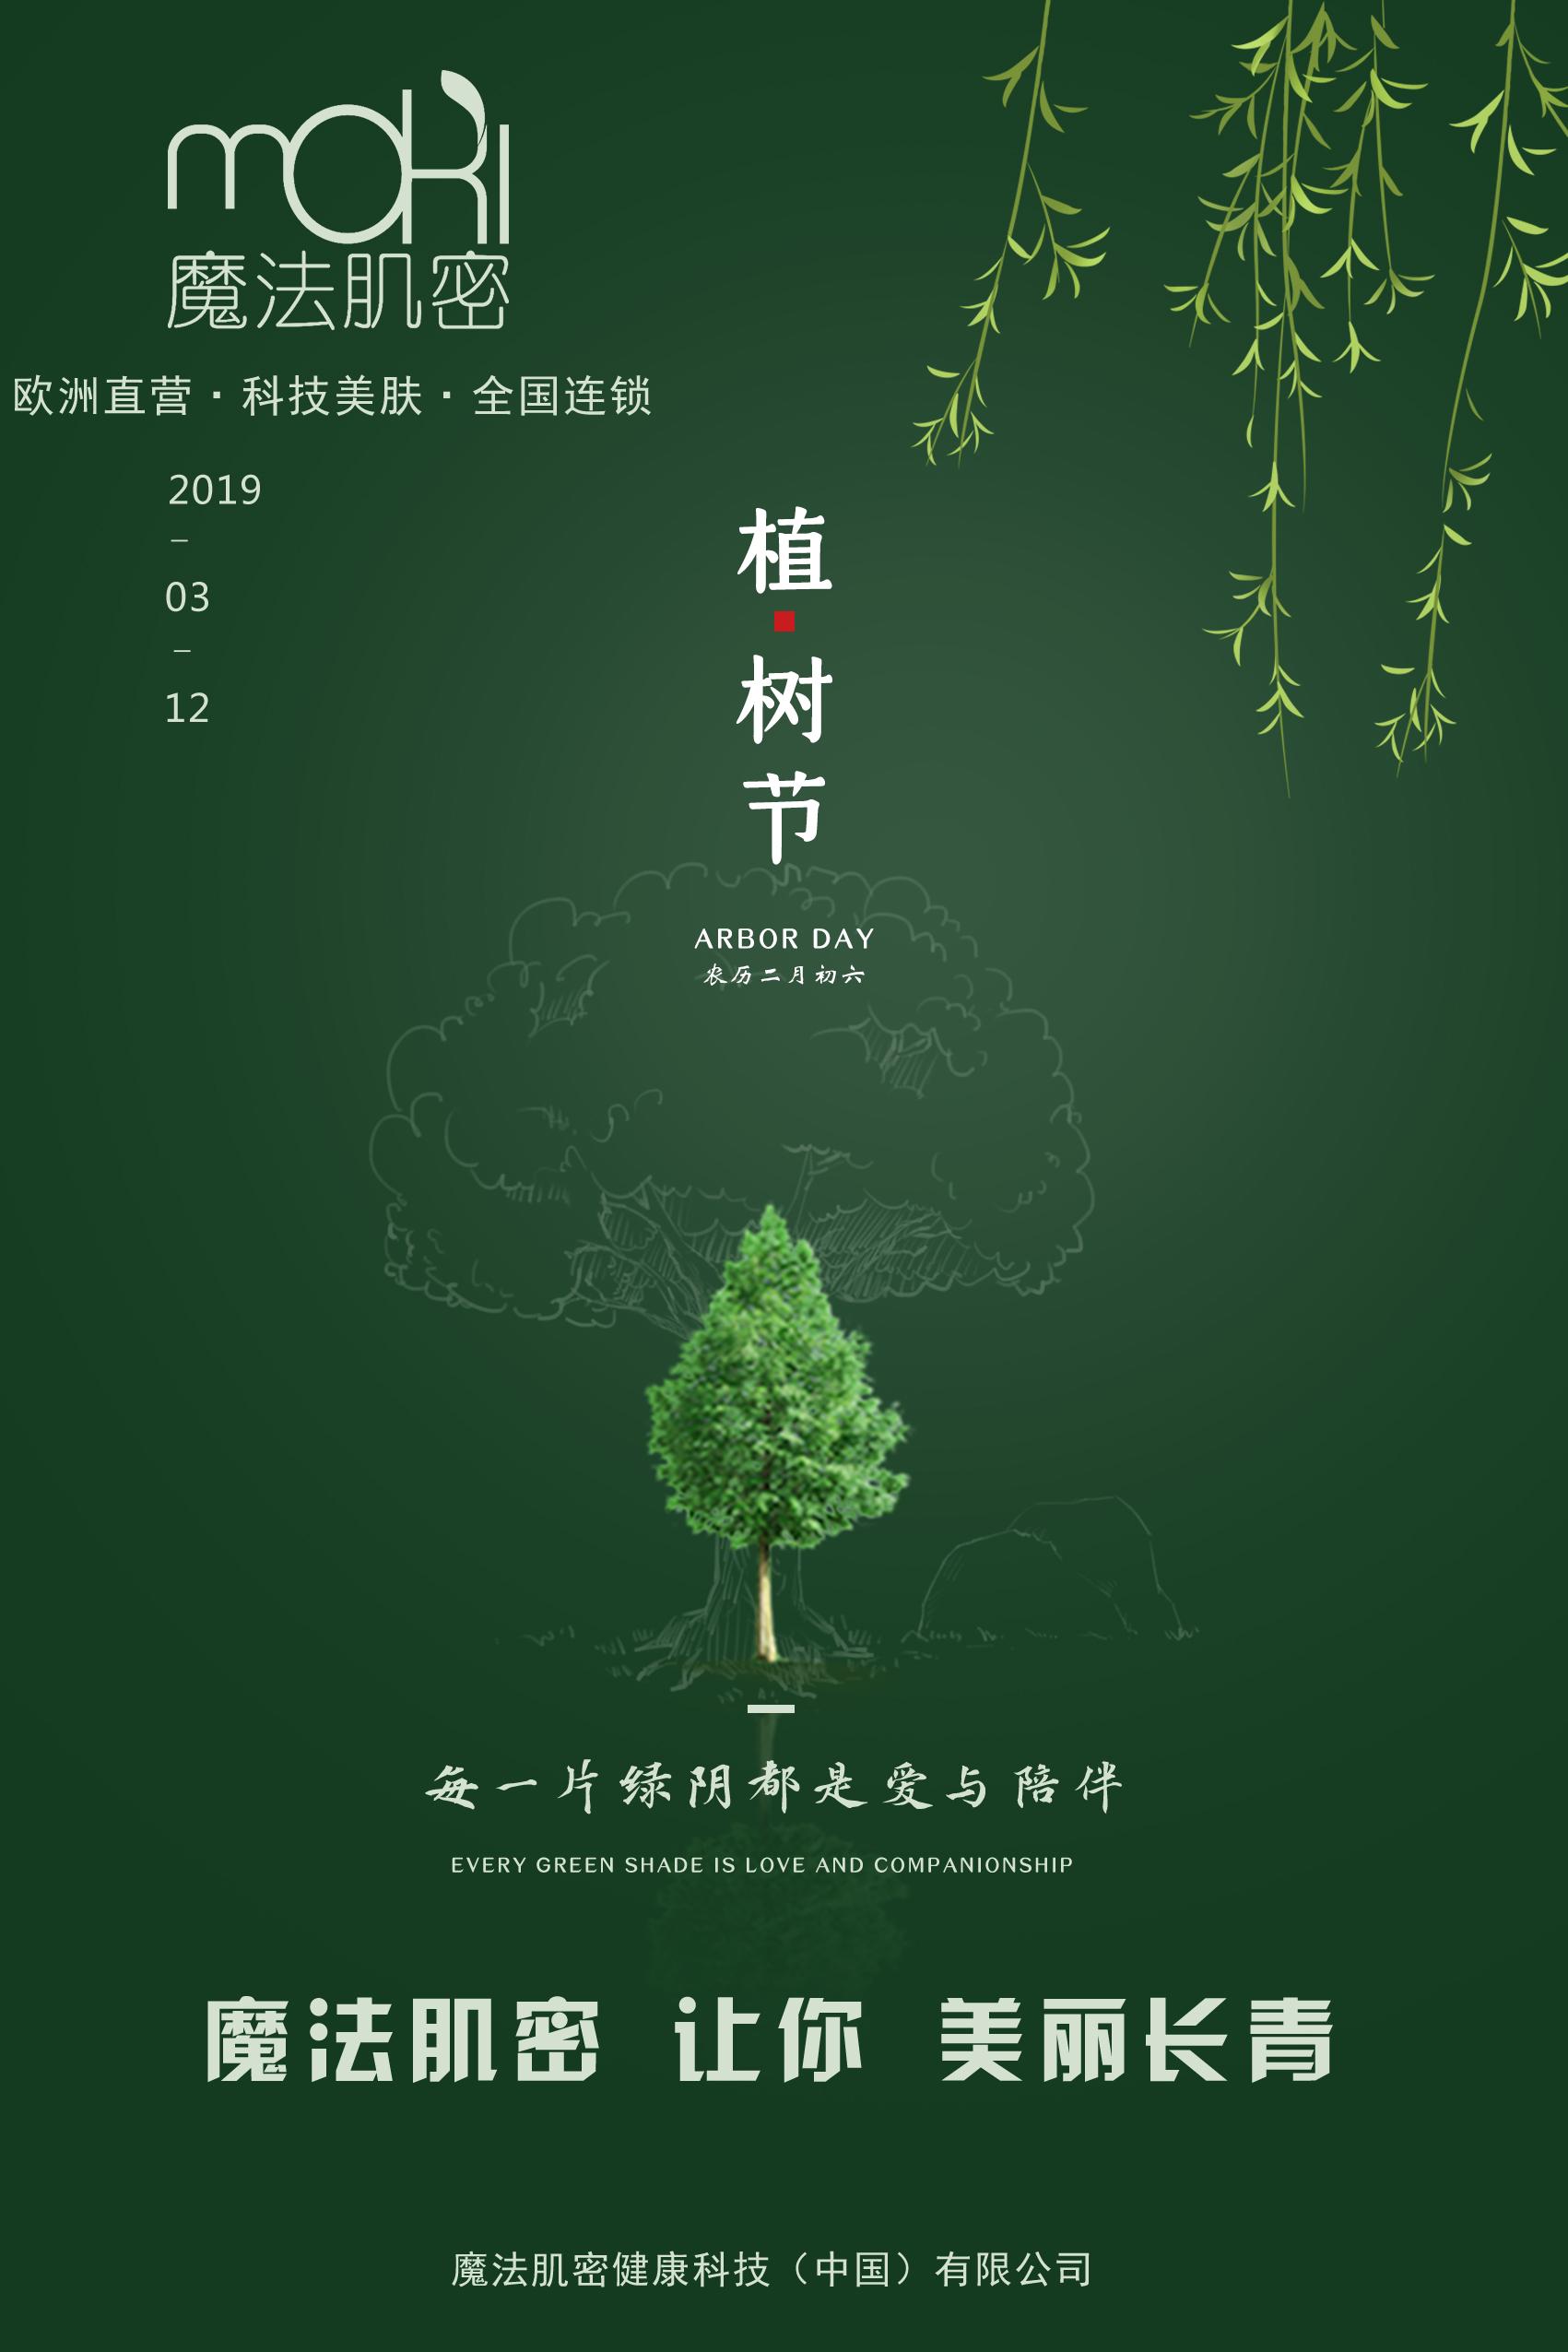 植树节.jpg